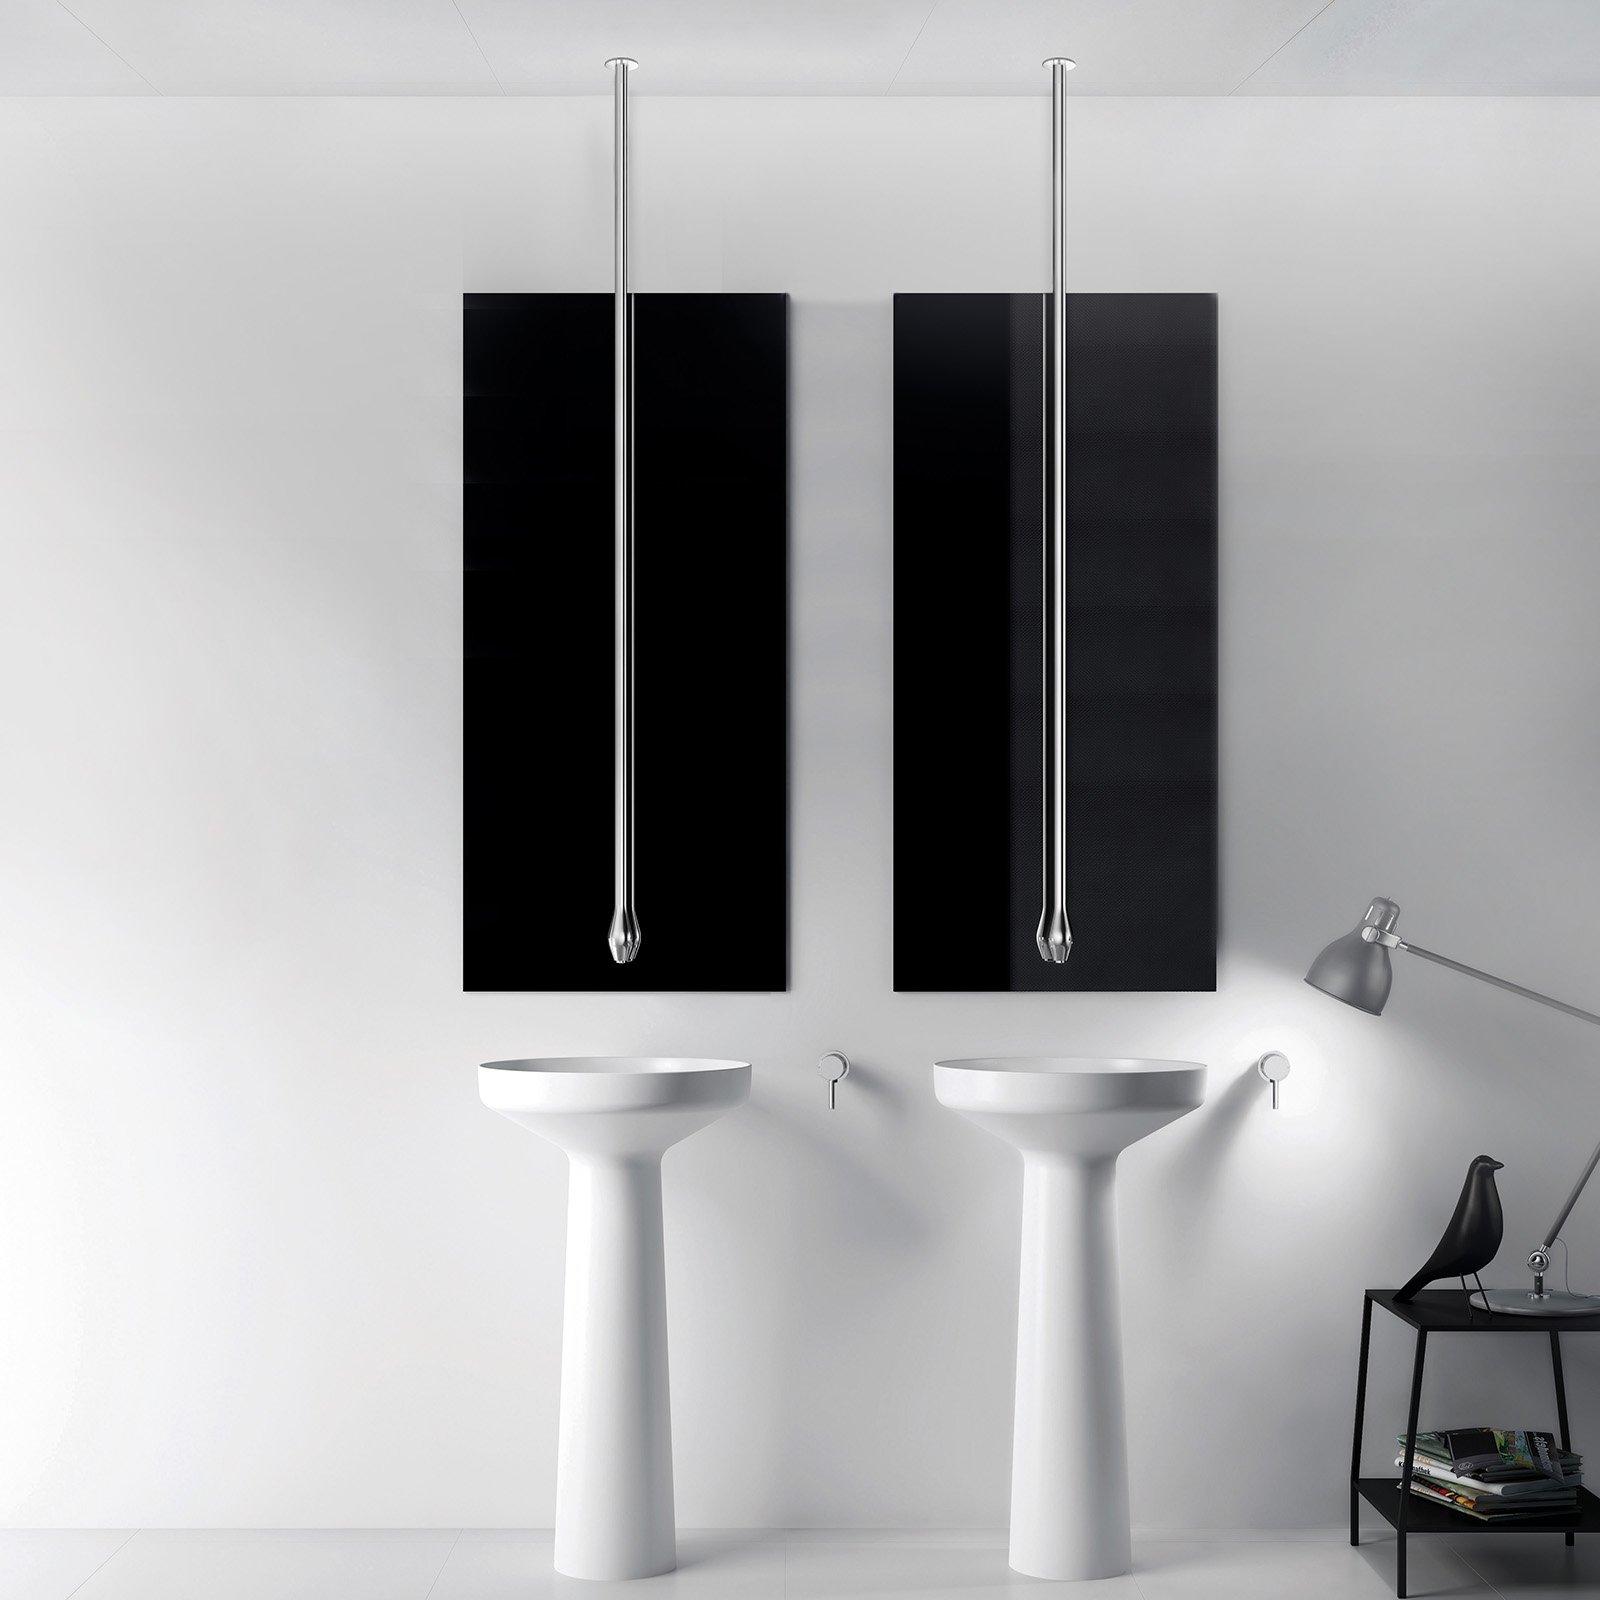 Waschtisch Deckenarmatur DROP 135 mit Eingriffmischer - Länge 135 cm - Farbe Chrom & Schwarz matt wählbar